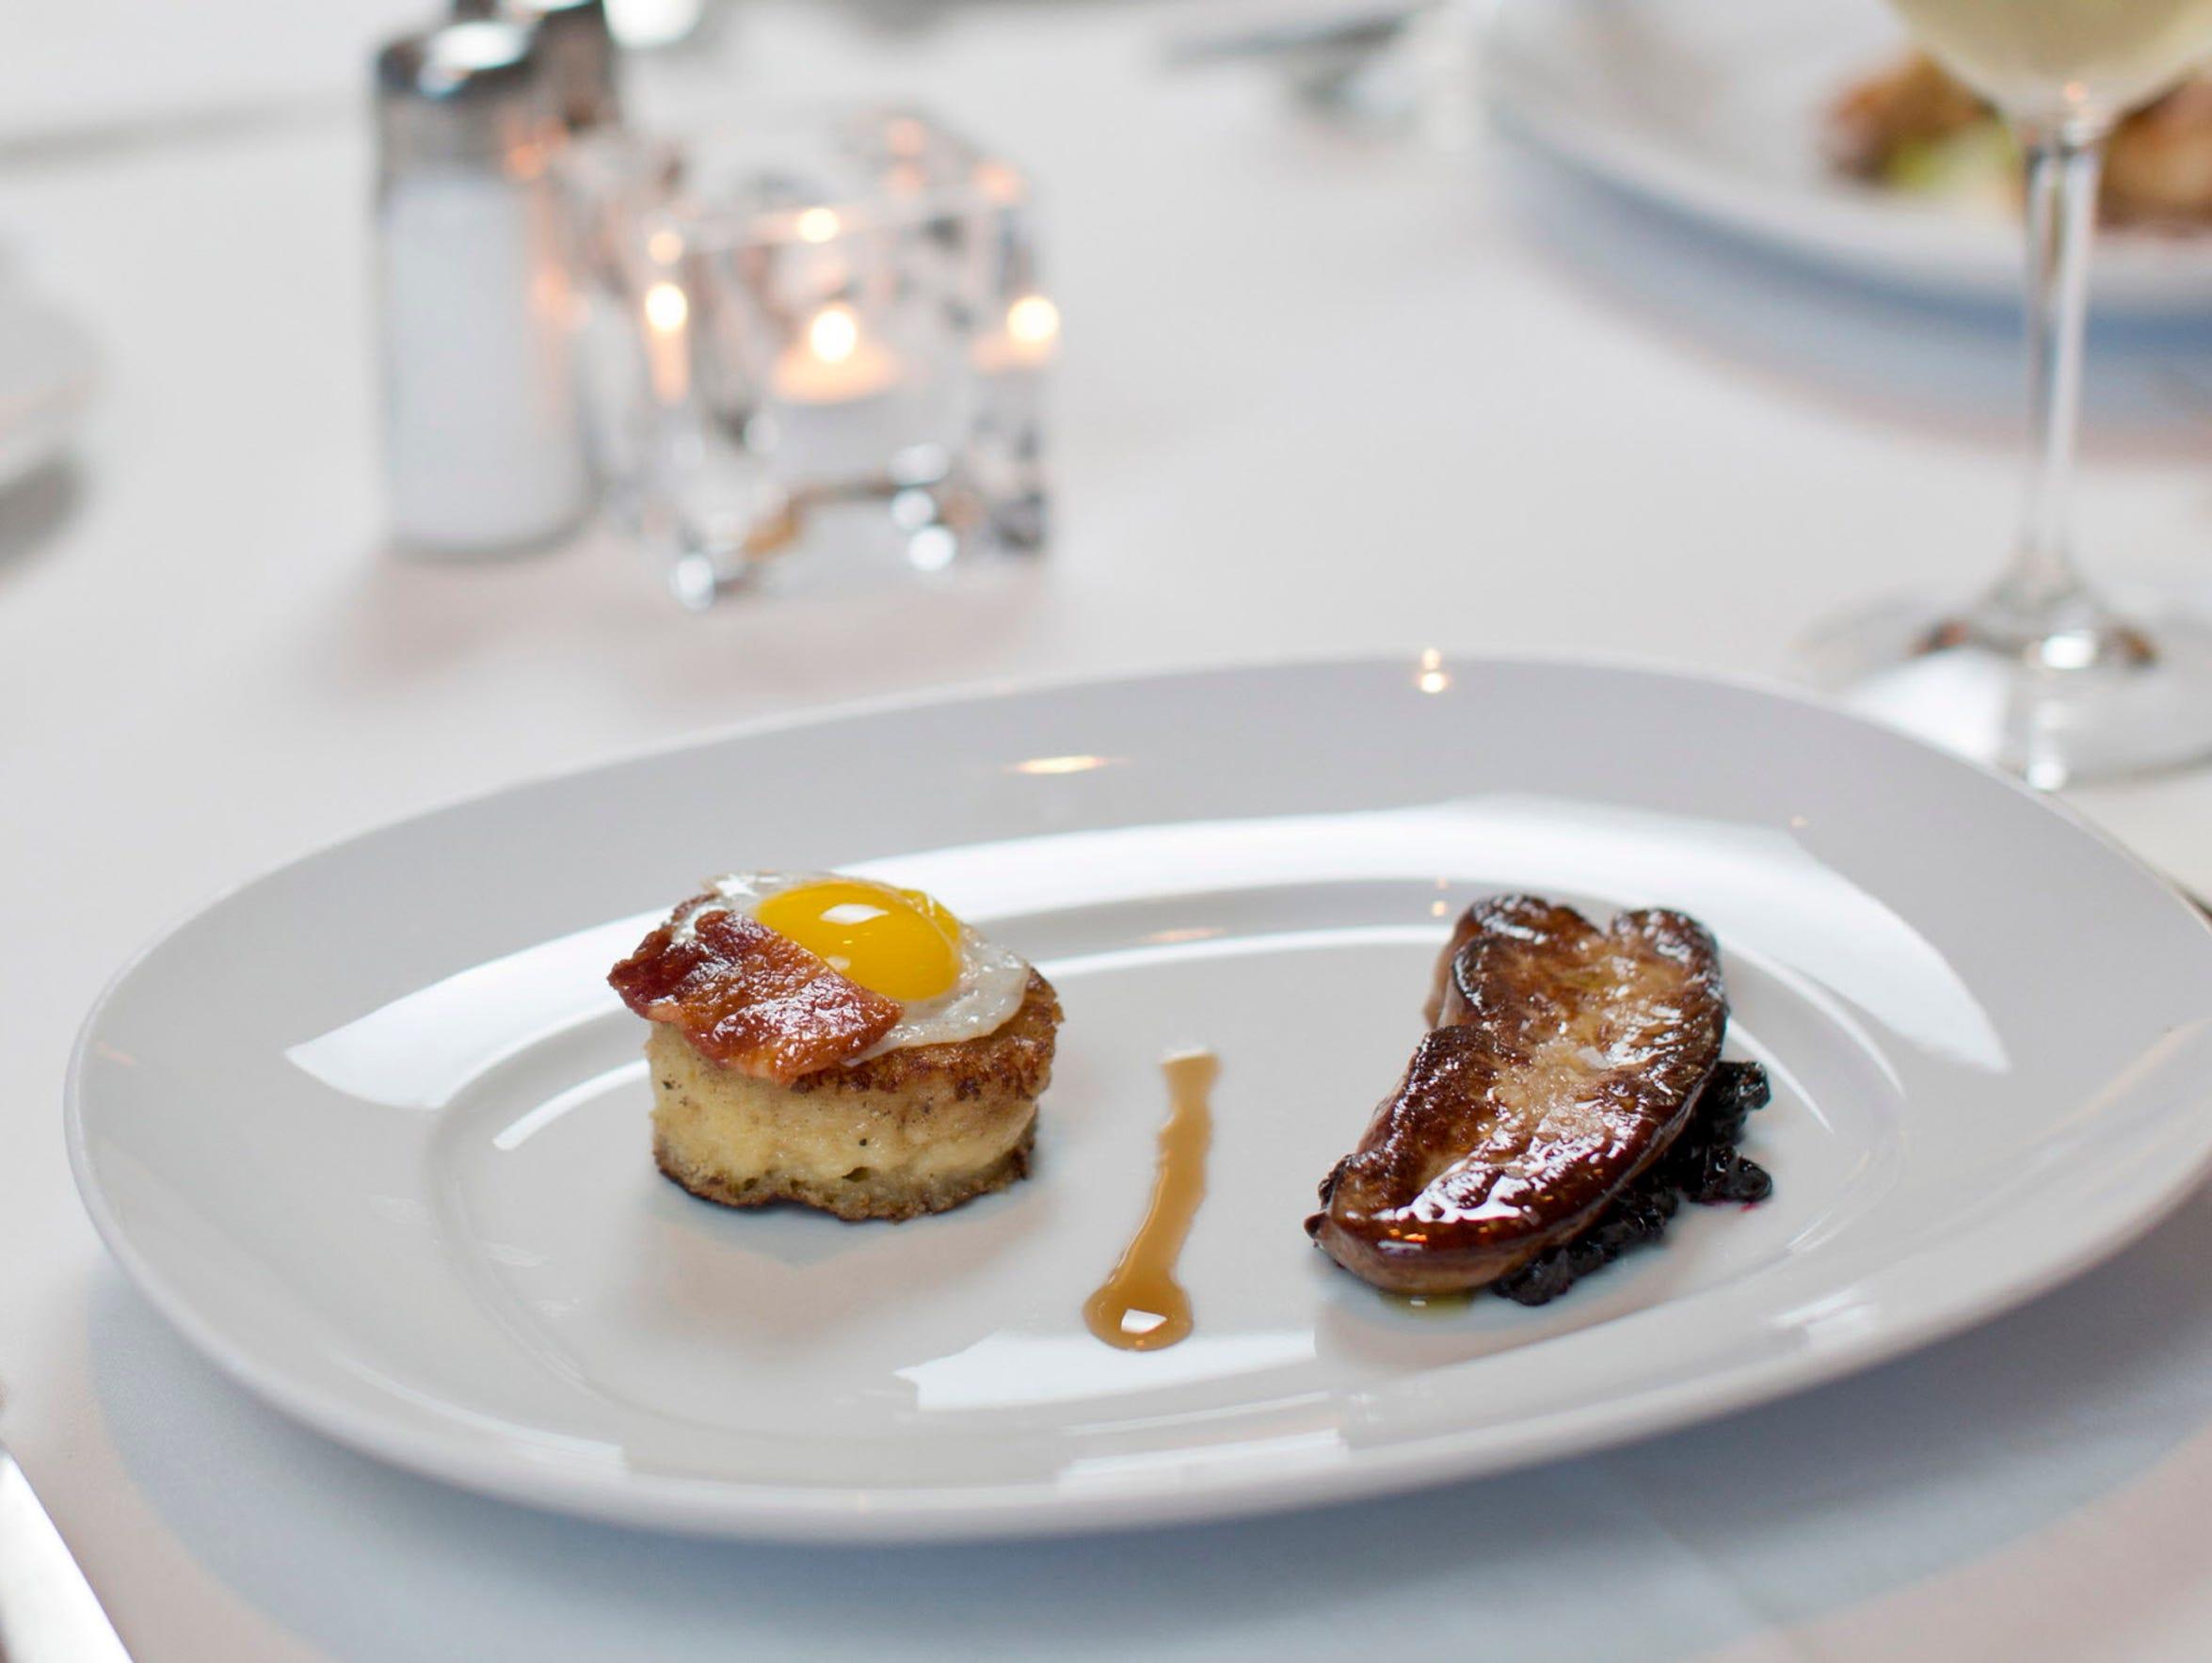 Seared foie gras with Honey Crisp apple compote, brioche